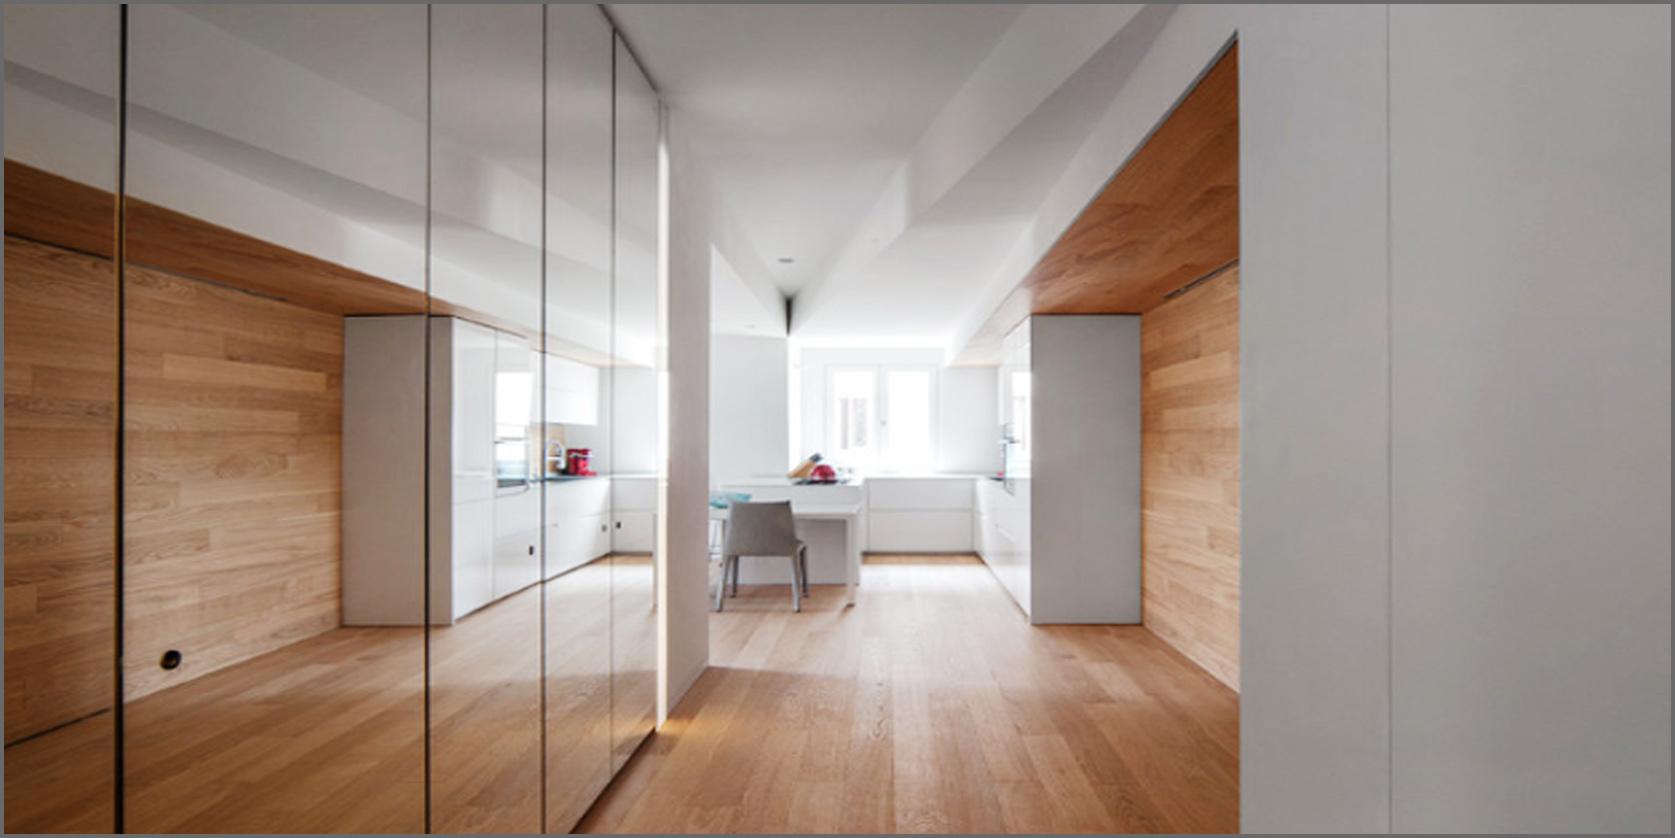 Soluzioni per illuminare una stanza buia parte ii